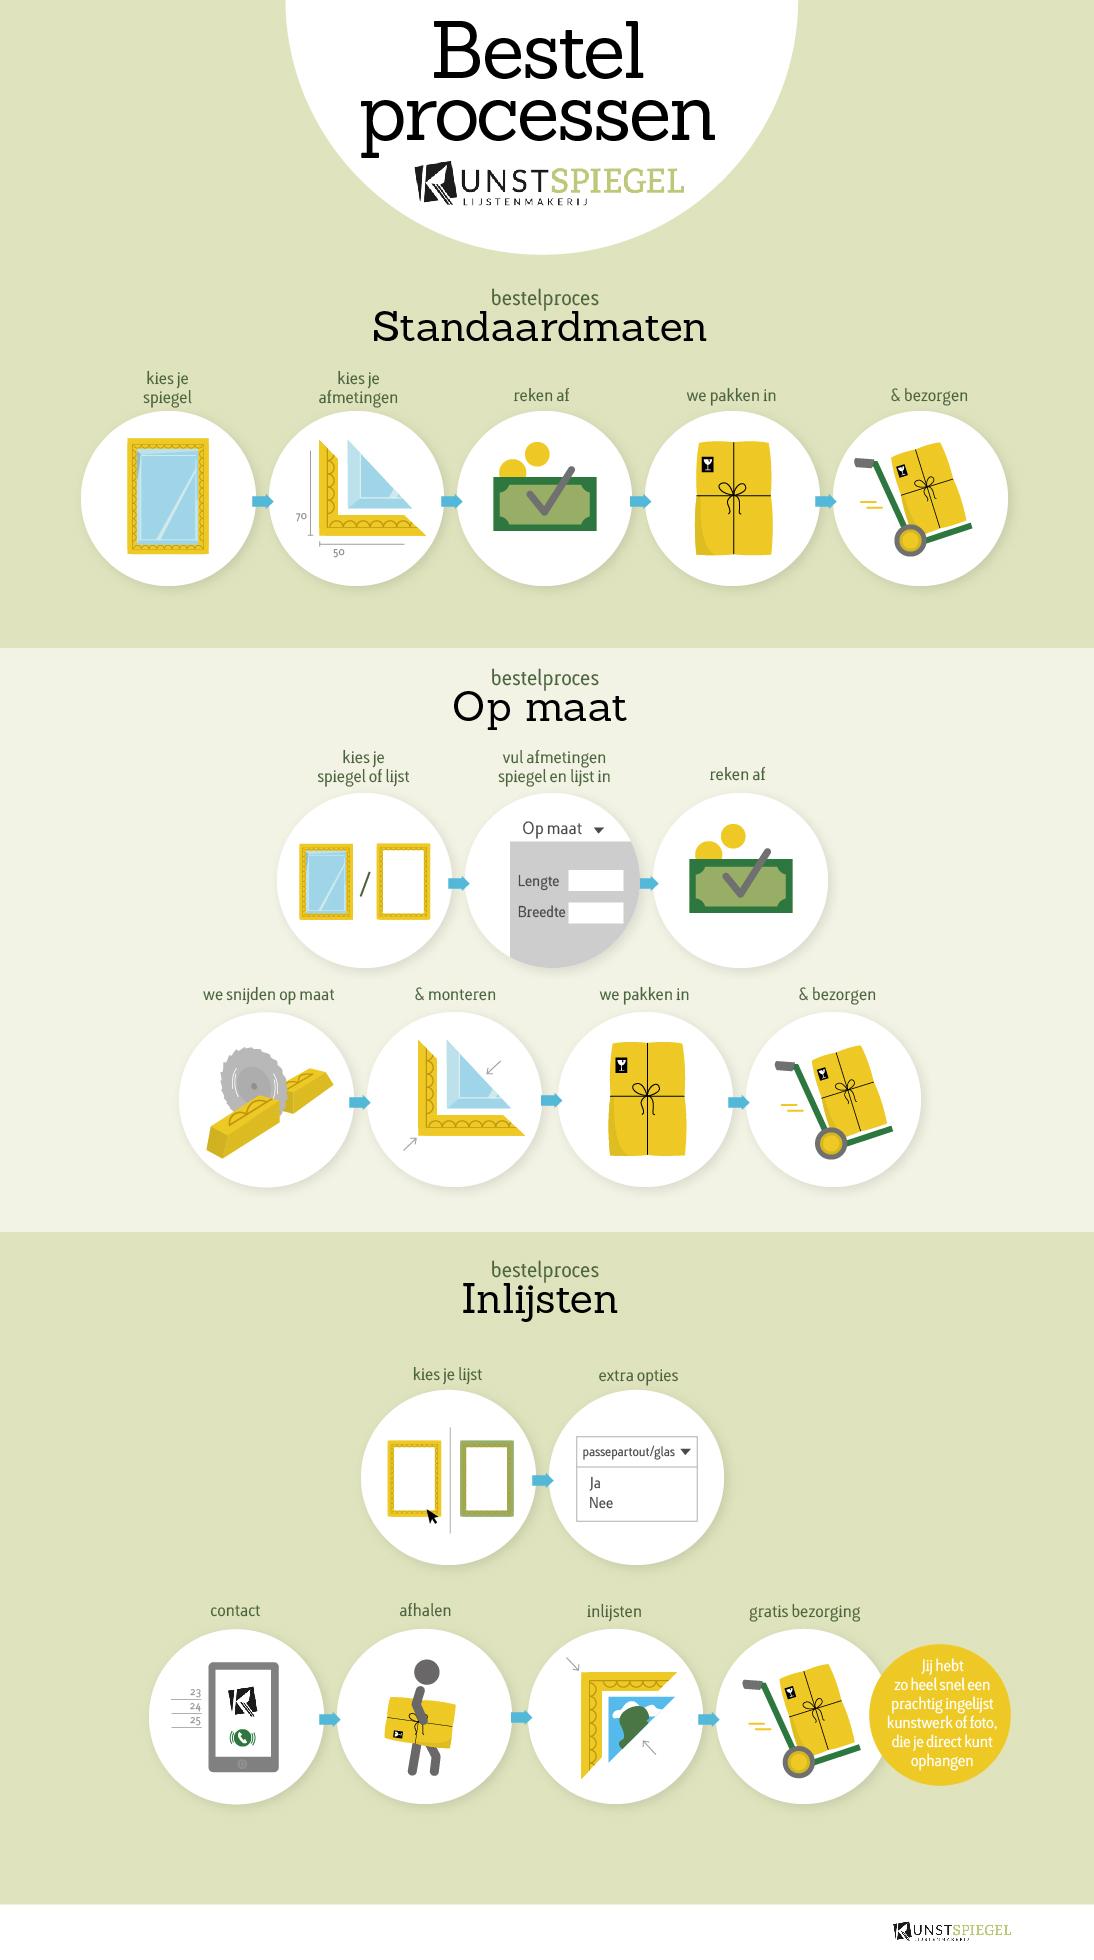 Bestelprocessen-van-KunstSpiegel-infographic